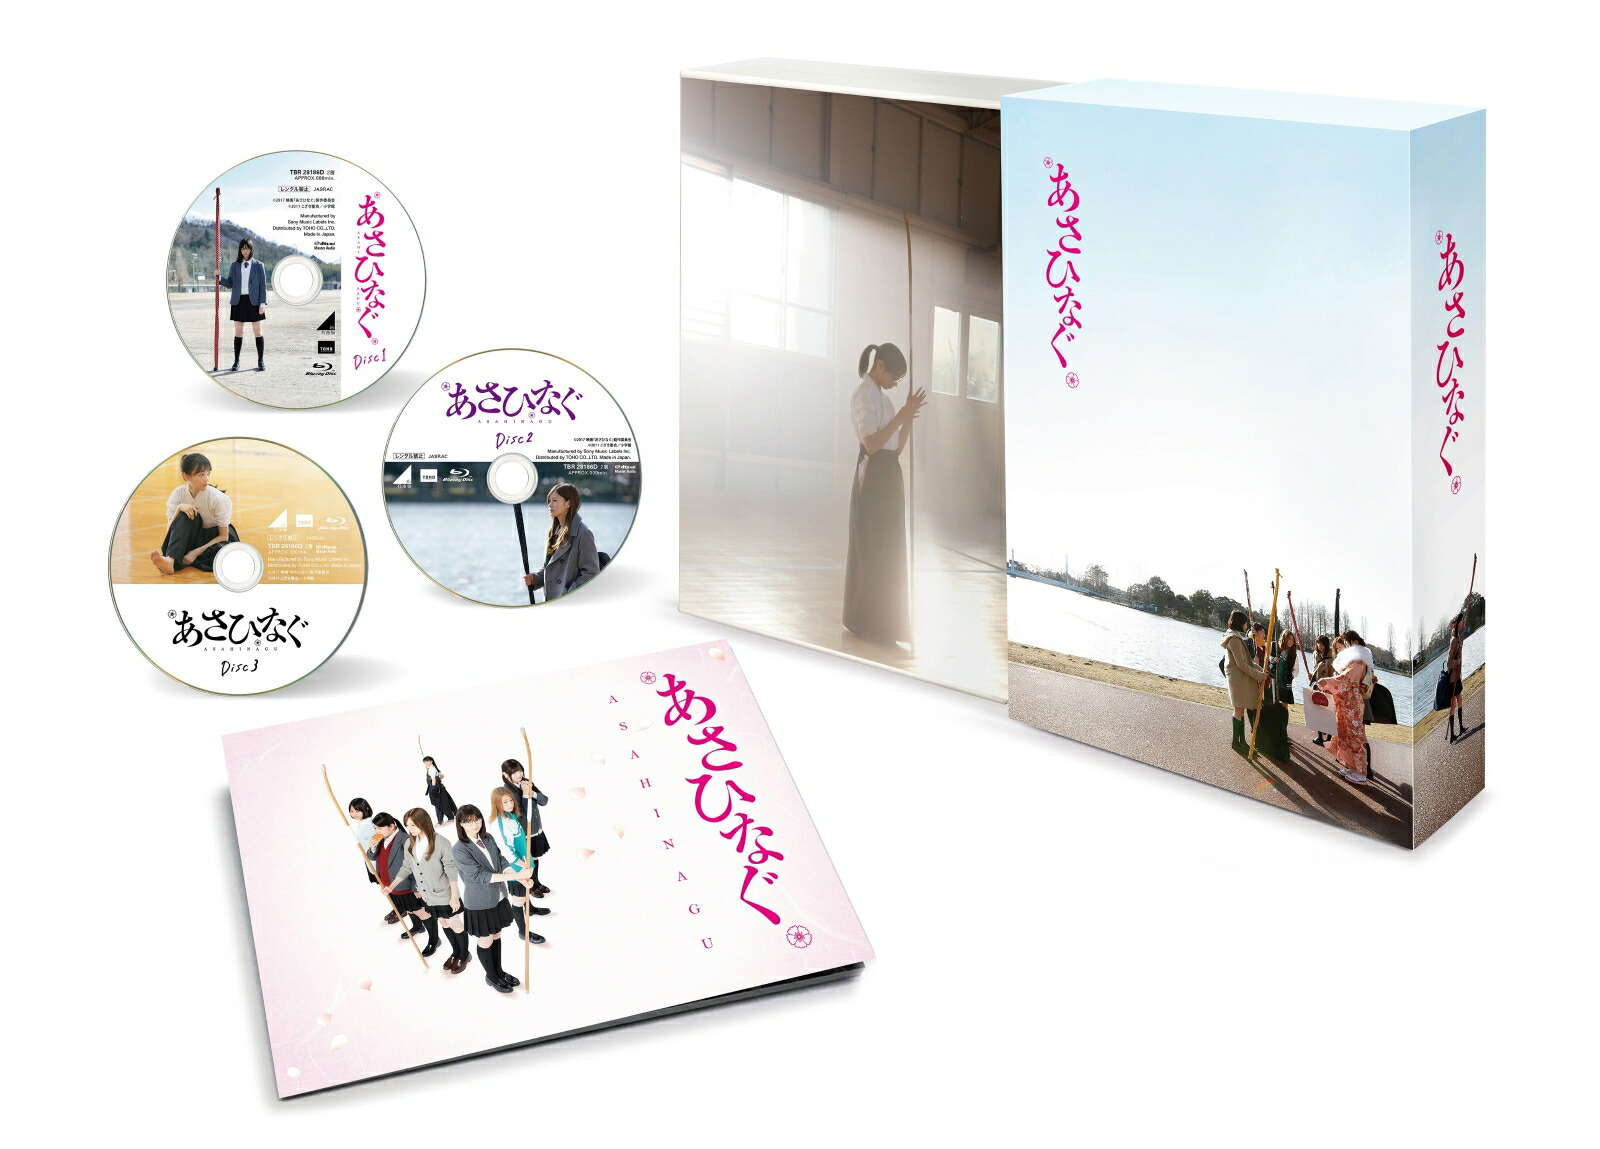 映画『あさひなぐ』 Blu-ray スペシャル・エディション【完全生産限定版】[TBR-28186D][Blu-ray/ブルーレイ]